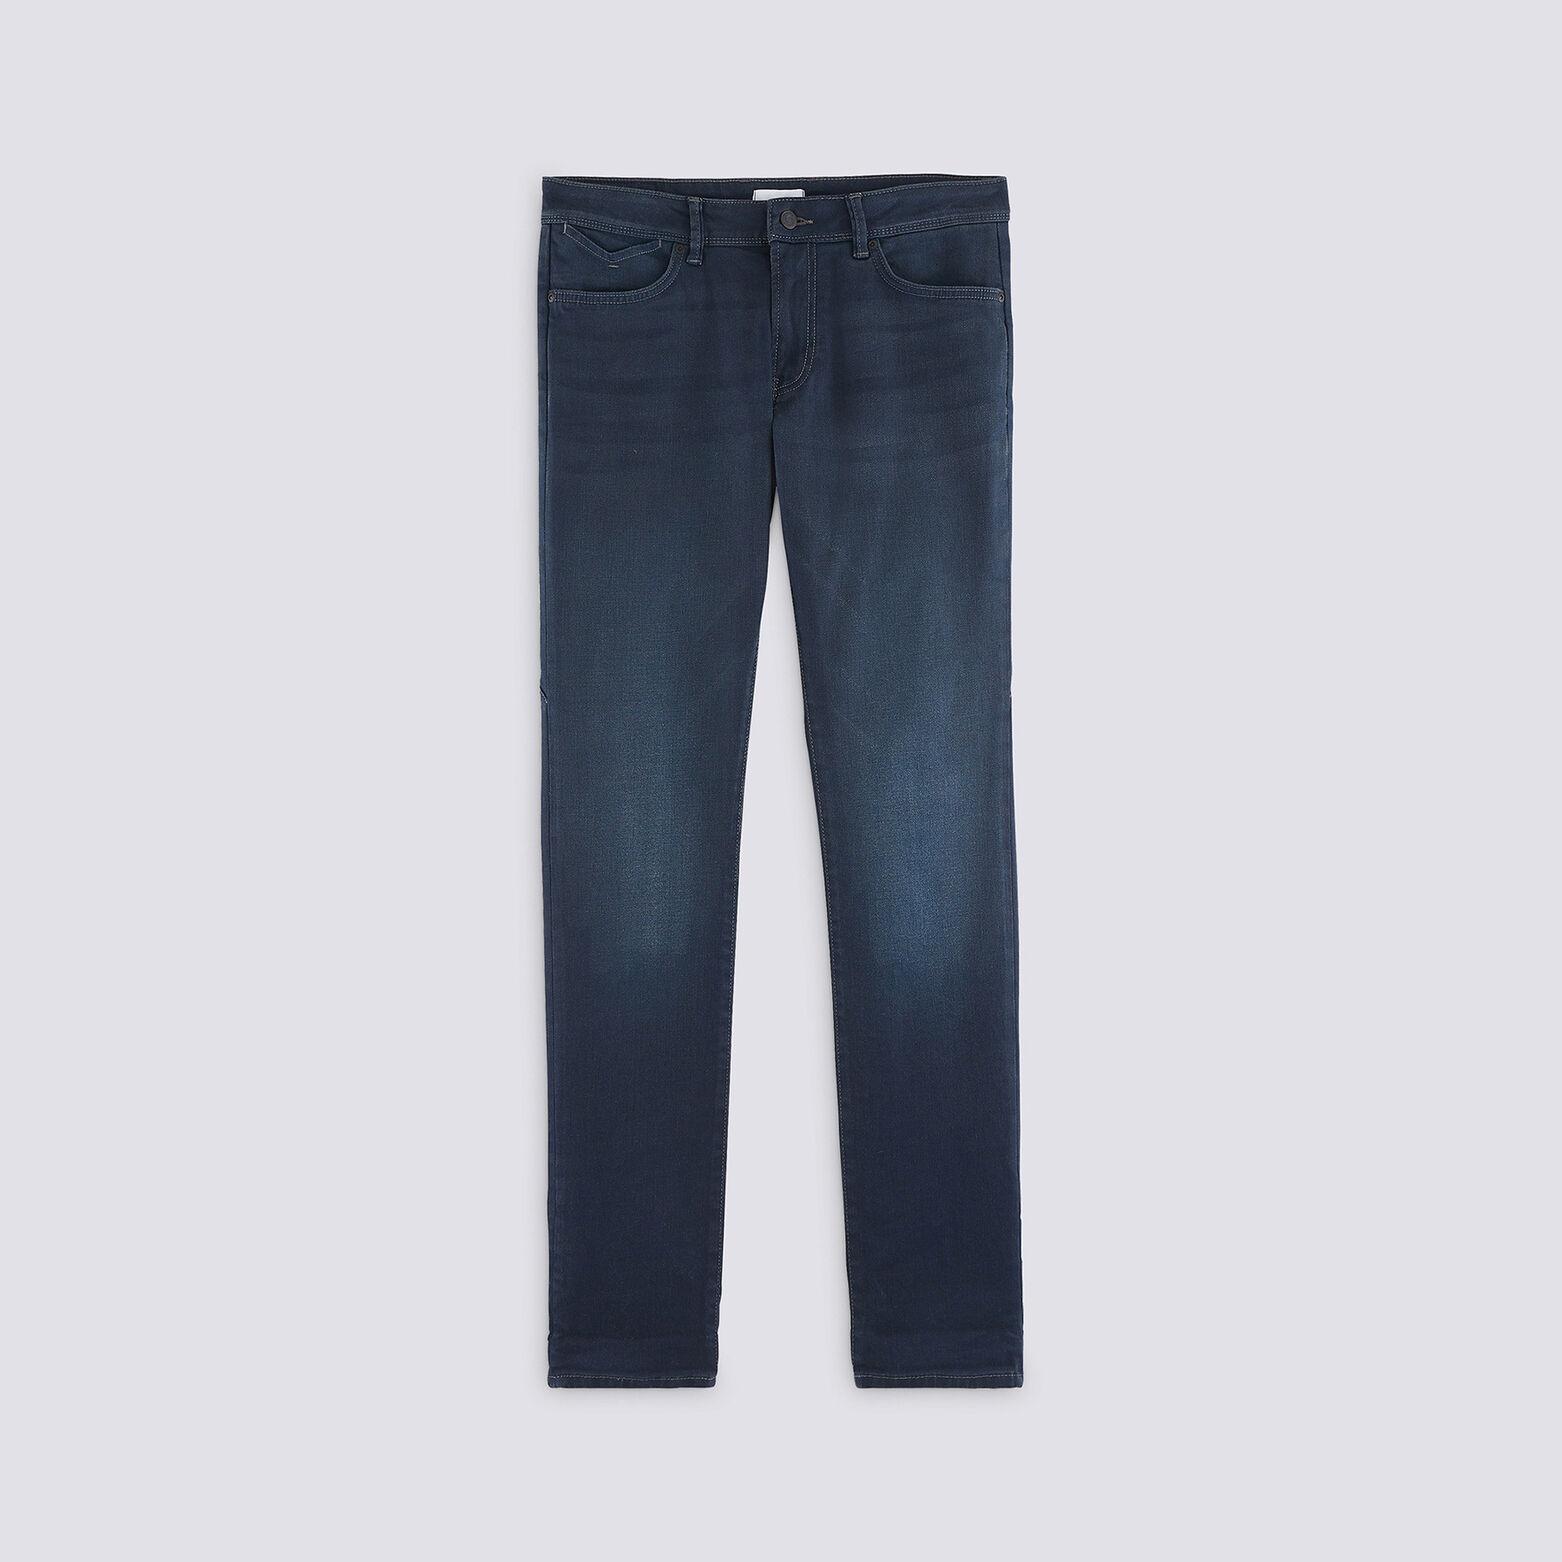 Jean  straight #Ben bleu grisé